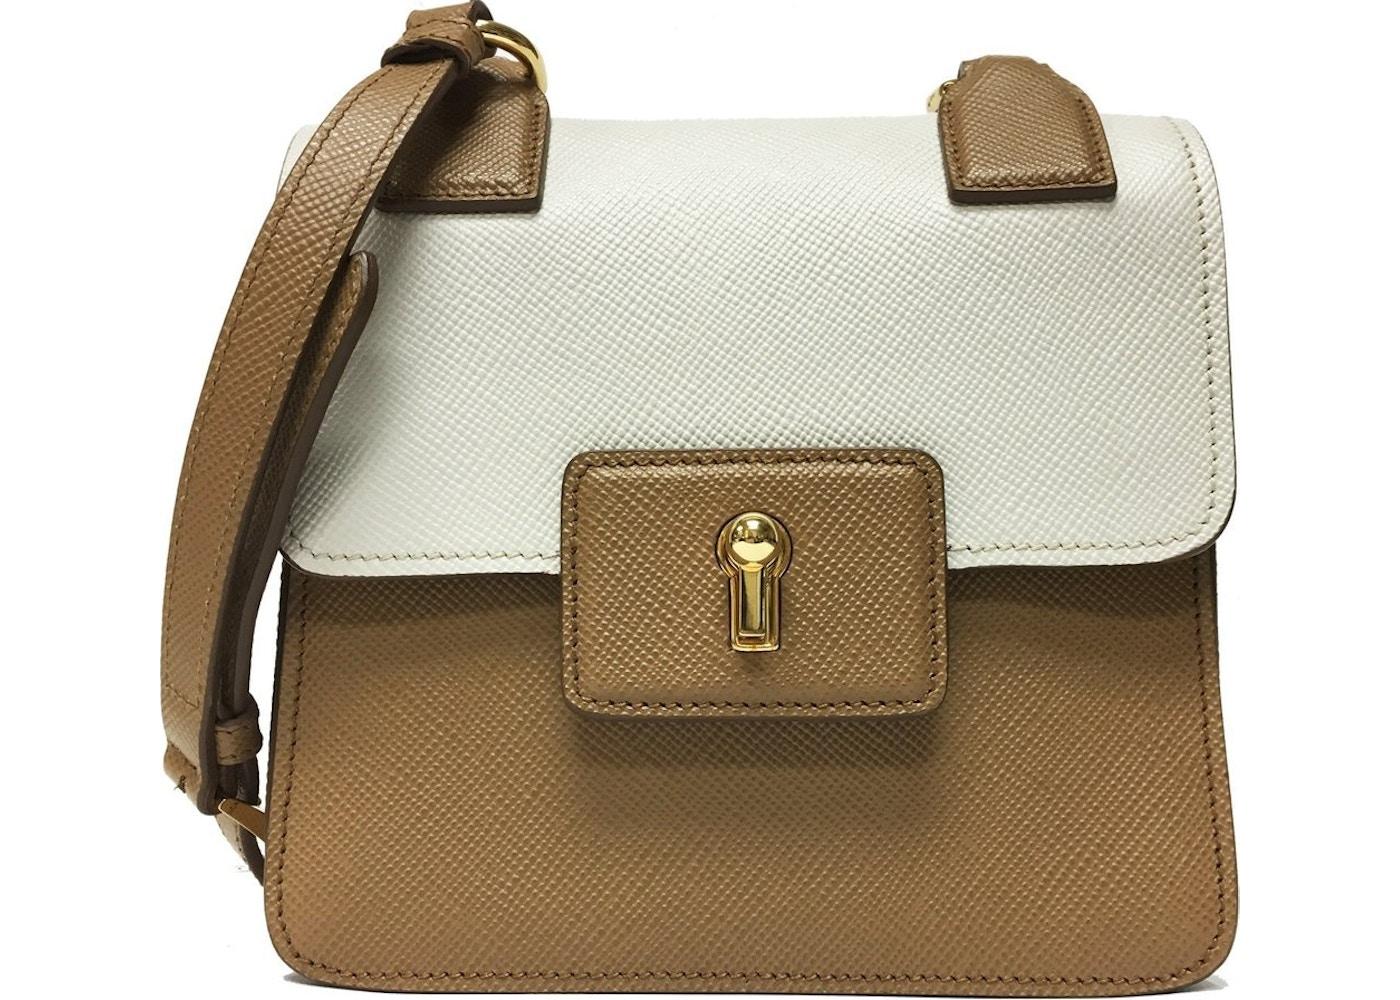 94a63e5e3e2db5 Prada Cuir Pattina Shoulder Bag Saffiano Caramel Beige/Talco White.  Saffiano Caramel Beige/Talco White